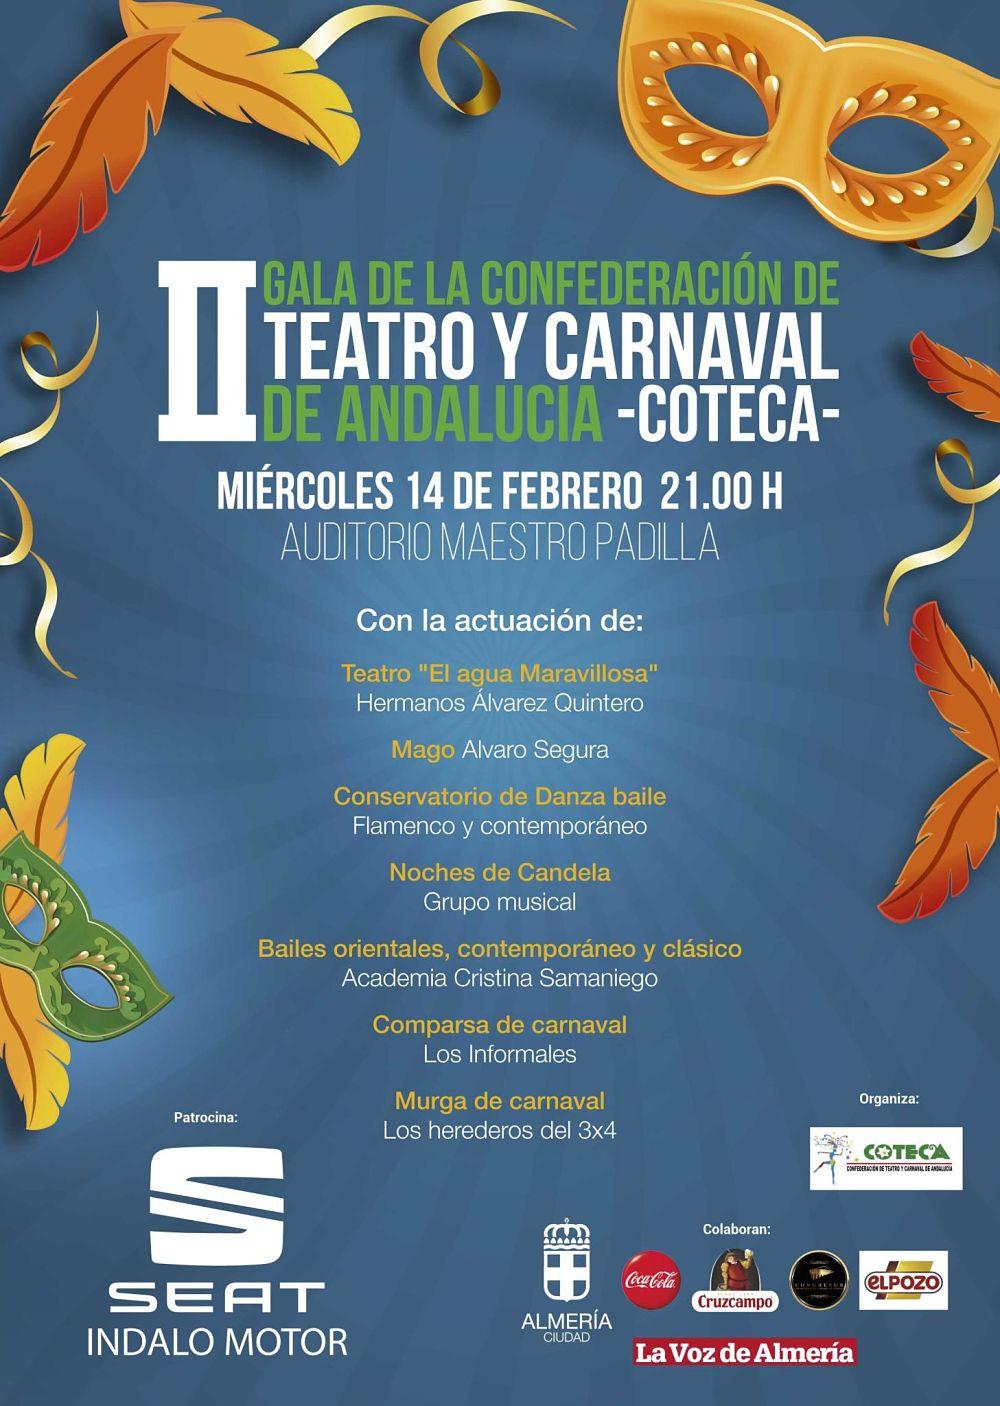 Actuación de la escuela Cristina Samaniego en los Carnavales de Almeria